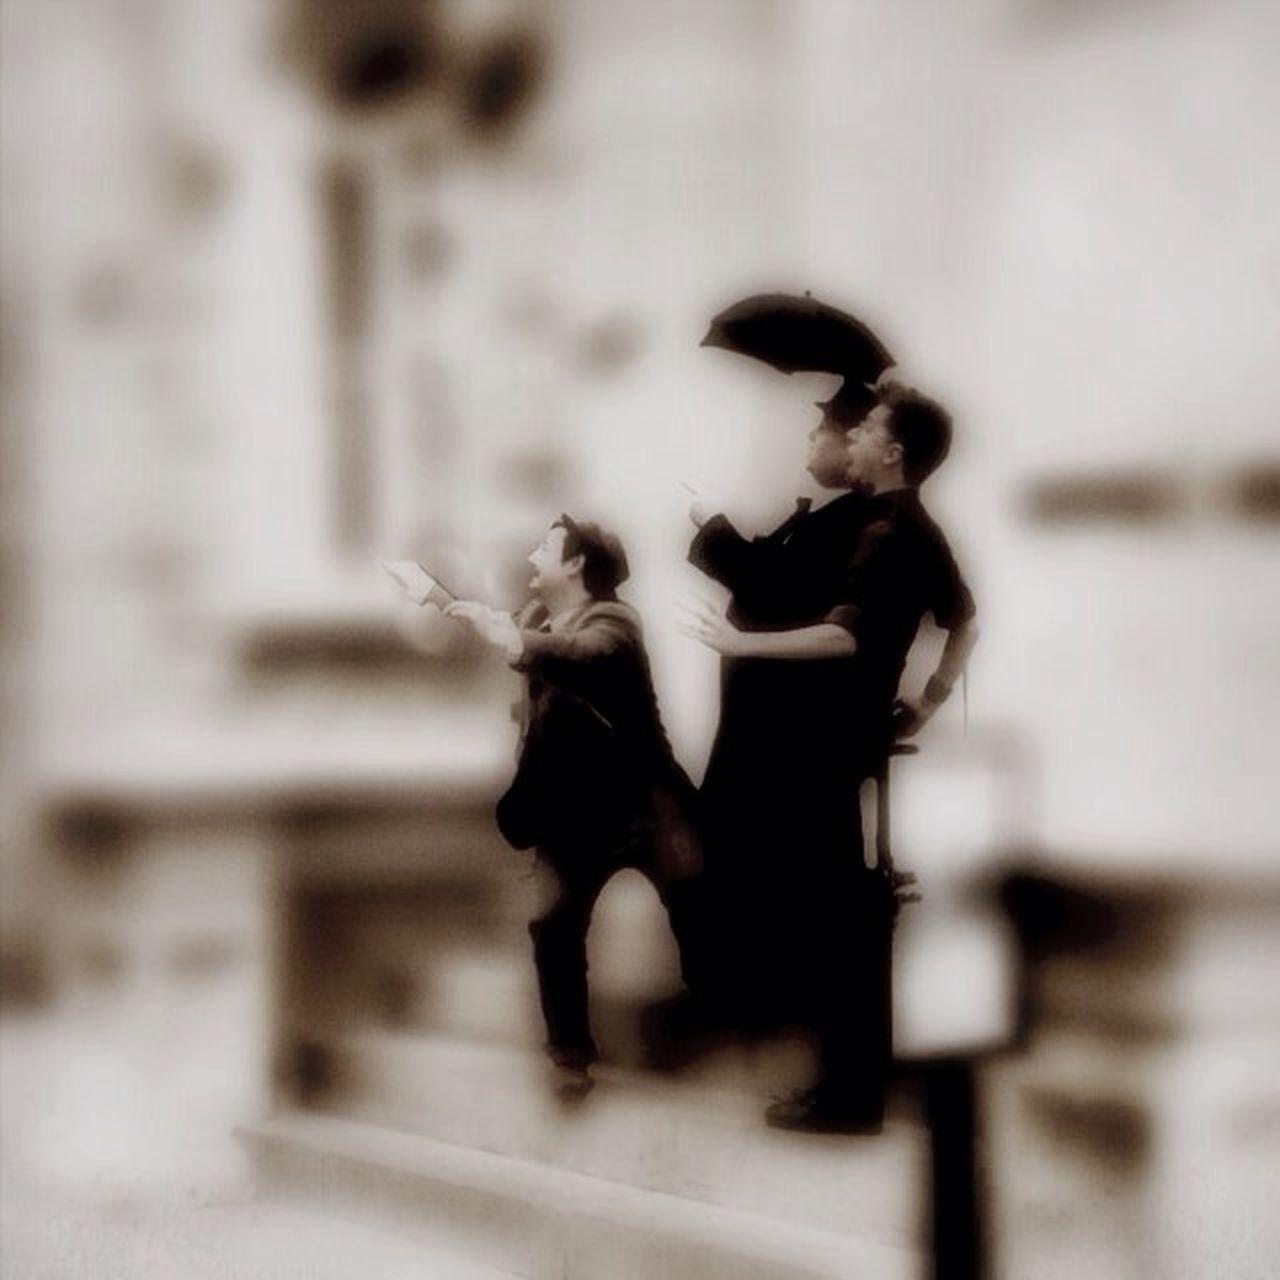 A steampunk wedding party. NEM Black&white Mob Fiction NEM Street NEM Culture